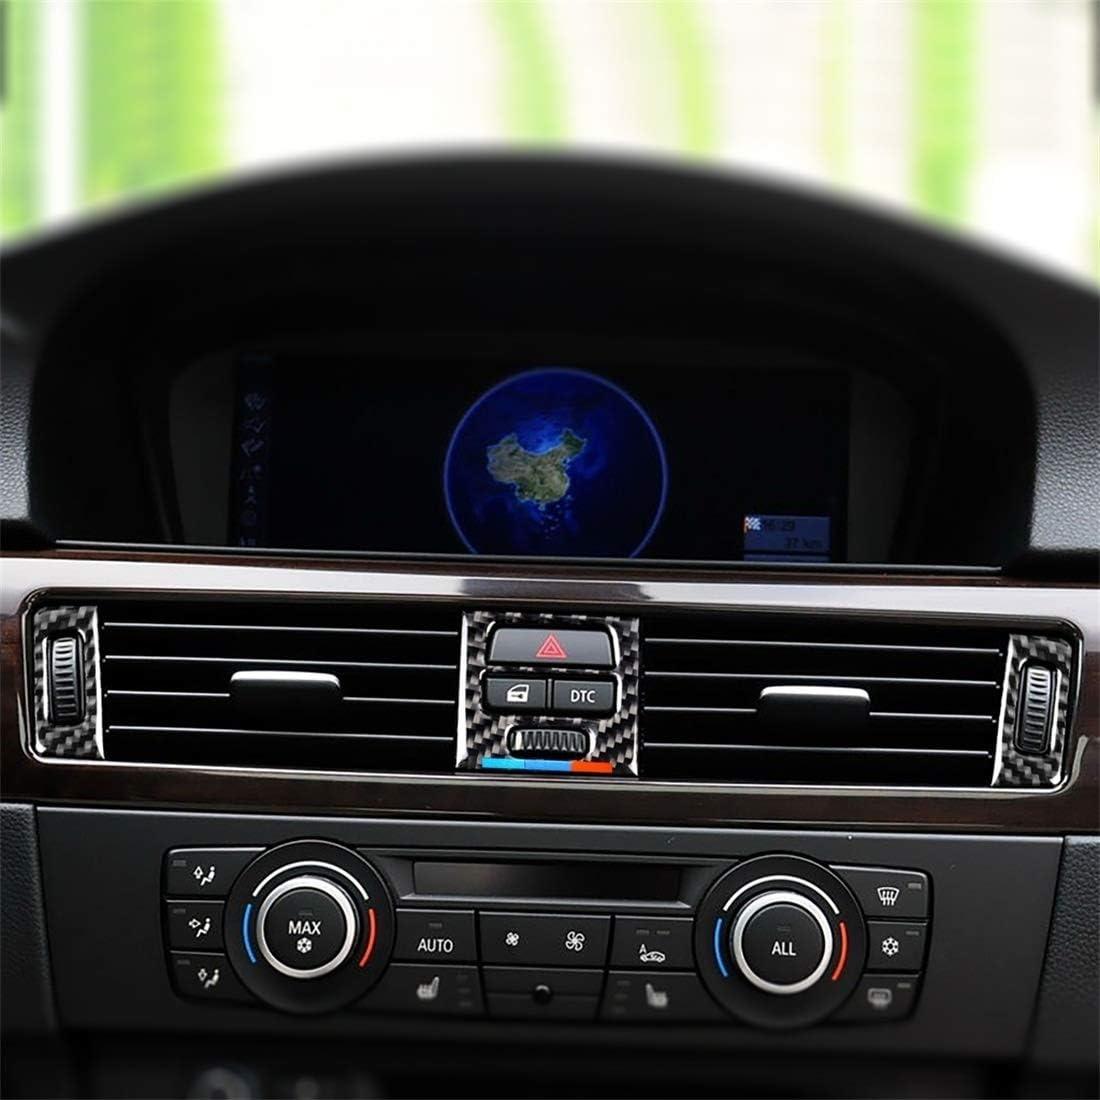 NIHAOA Decal Auto 5 PCS Livello Che corrisponde a Tre Colori in Fibra di Carbonio Auto Uscita Aria Adesivo Decorativo for BMW E90 E93 2005-2012. E92